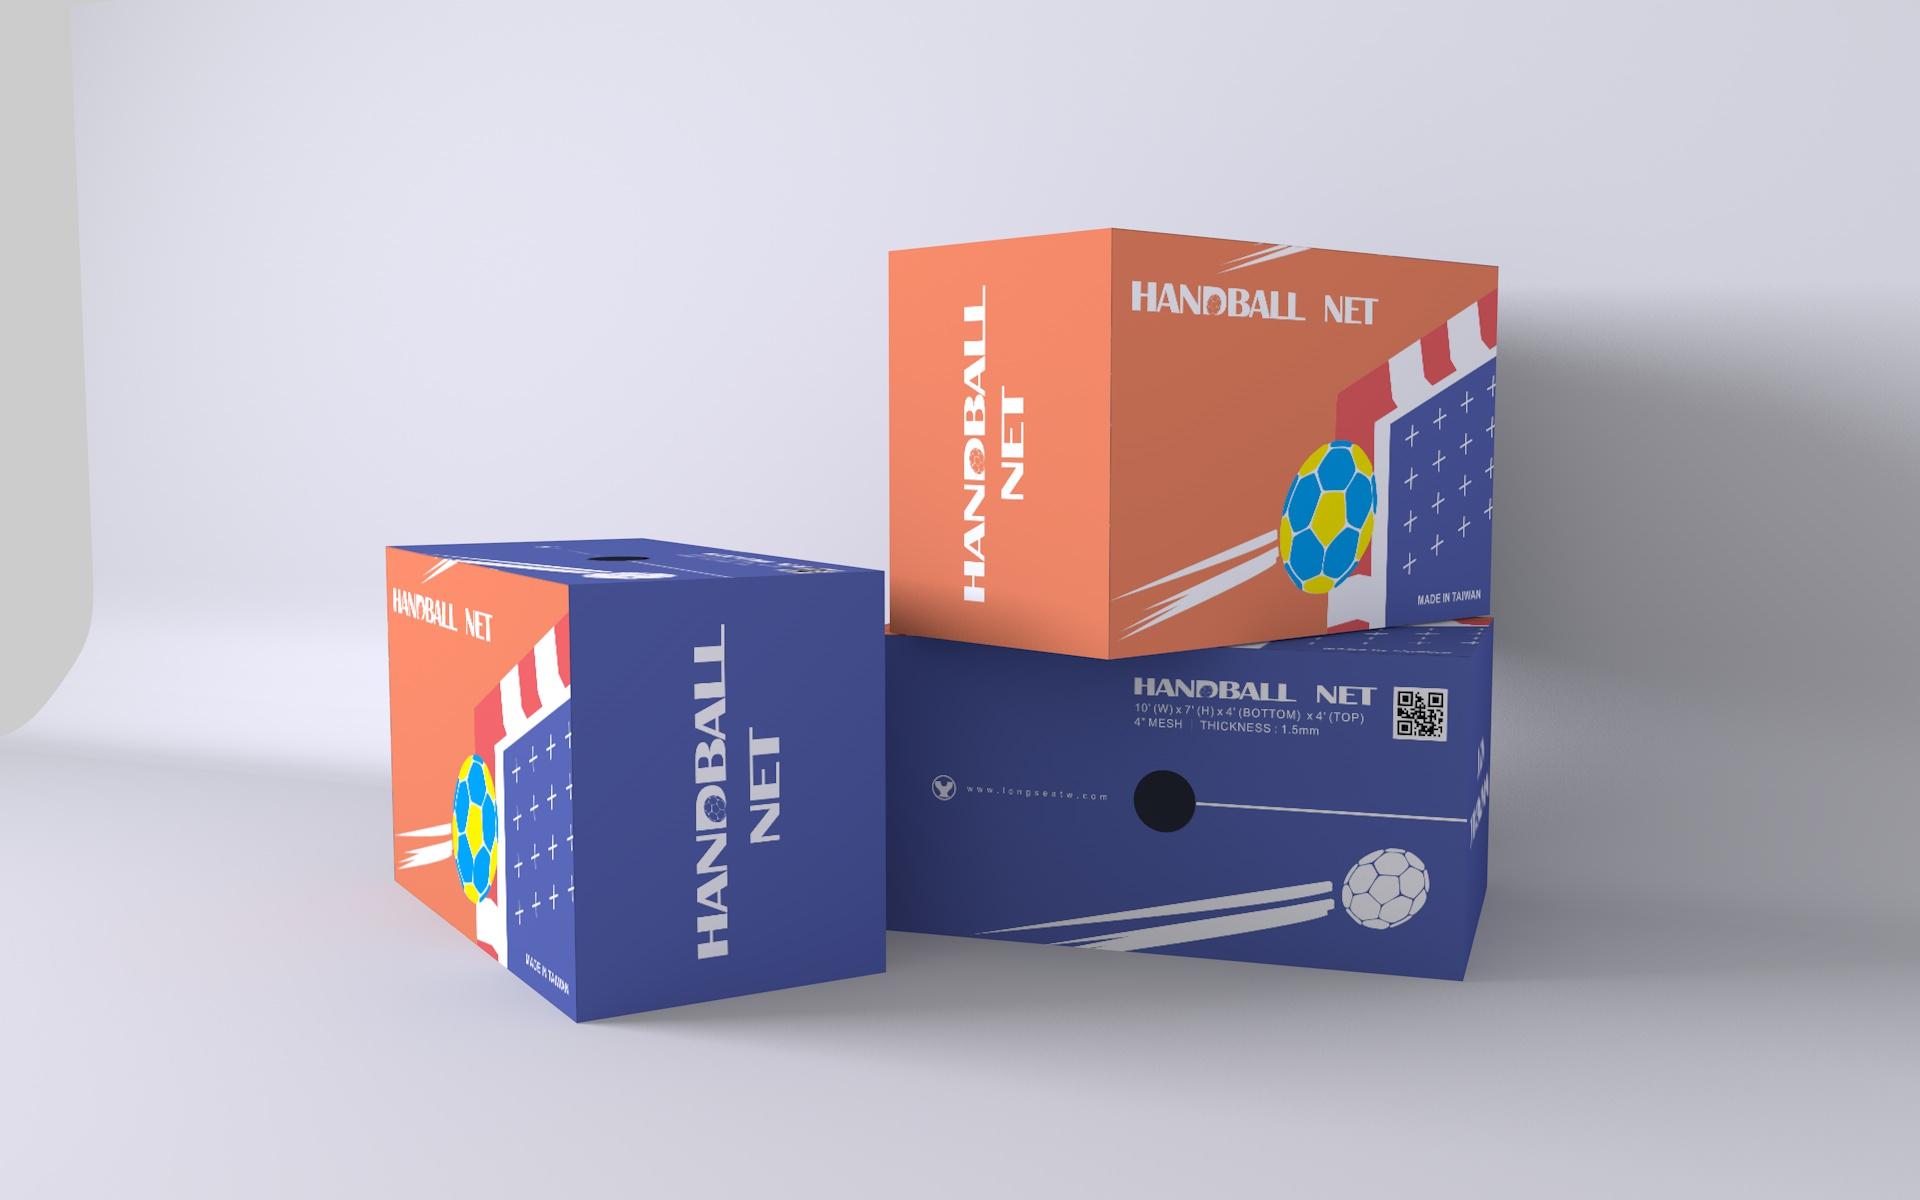 龍西企業 / 手球網包裝